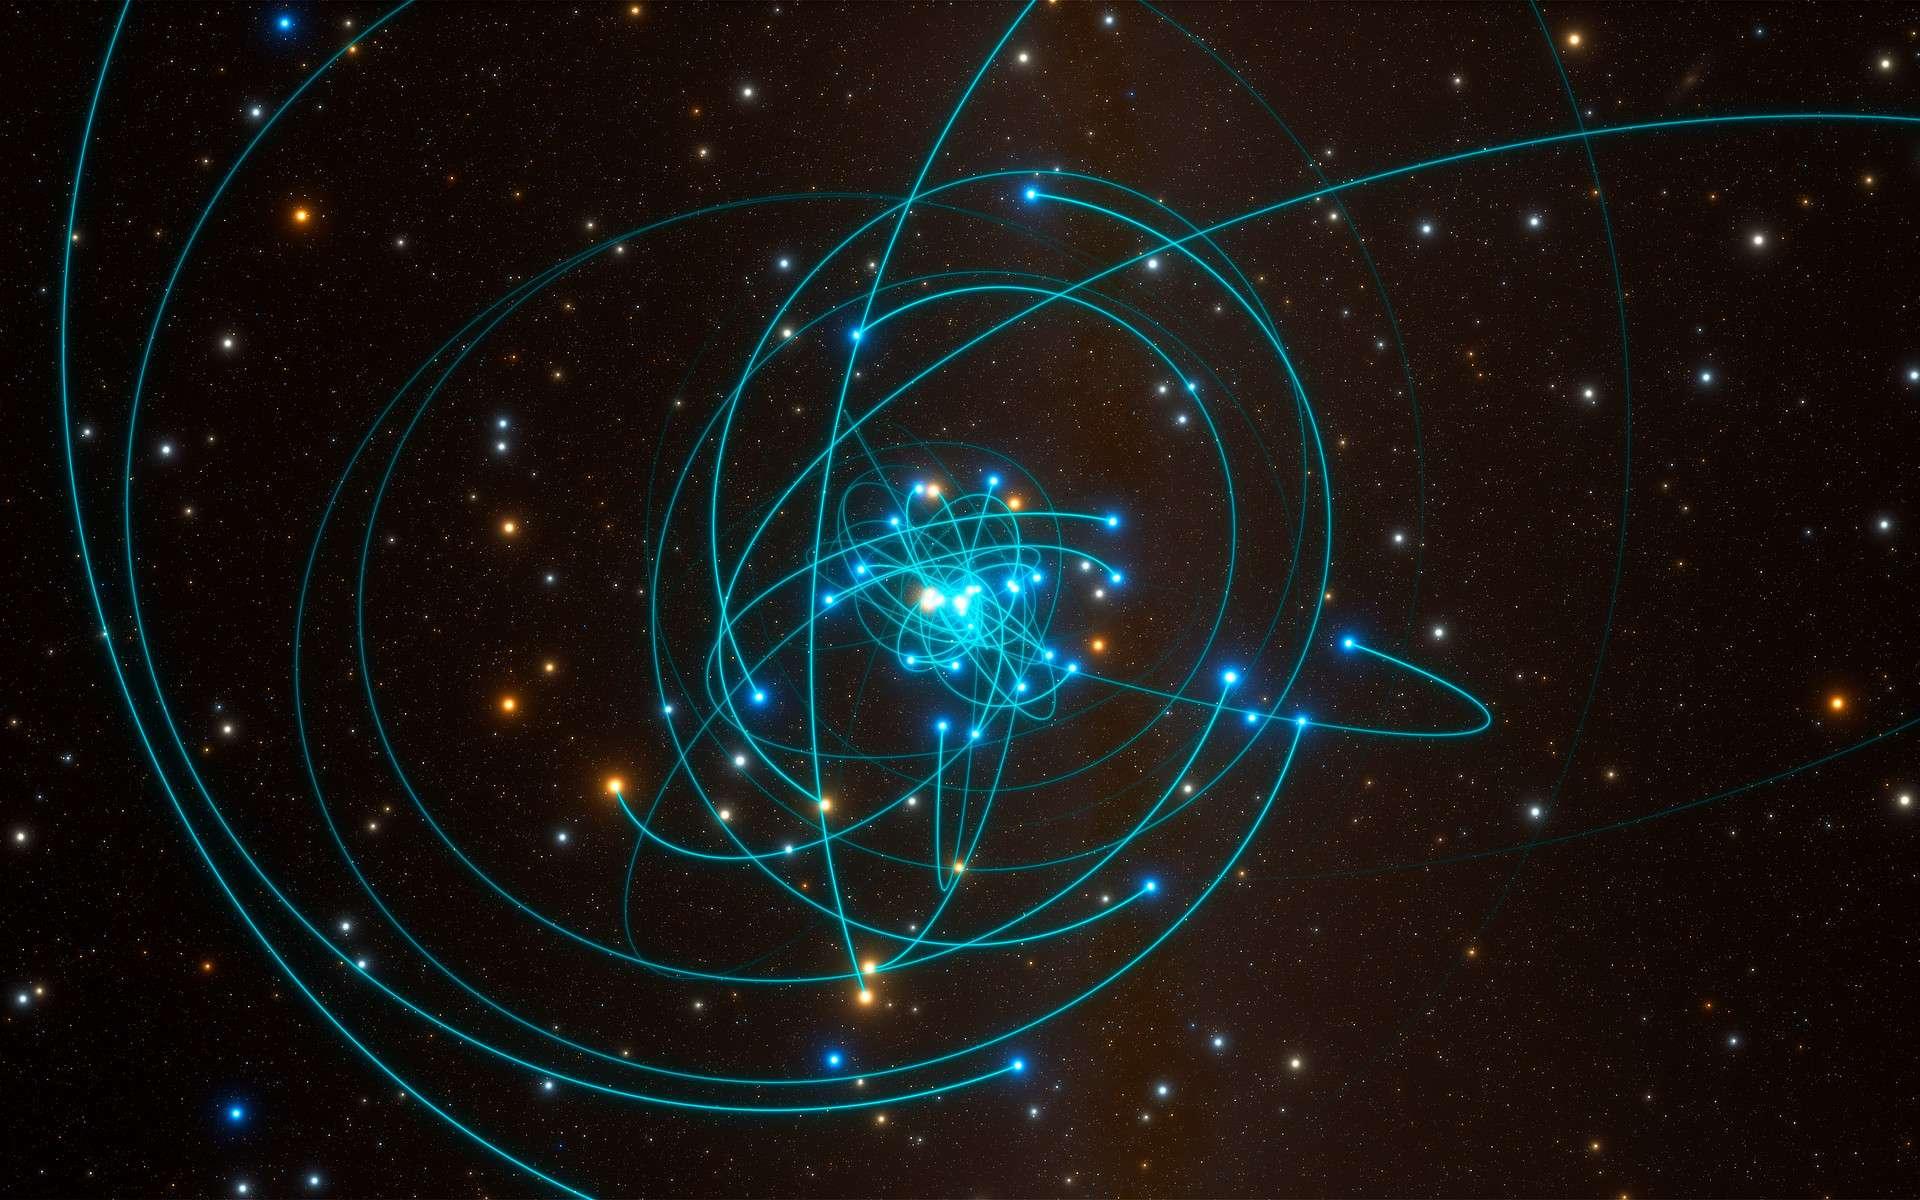 Cette simulation figure les orbites d'étoiles situées à très grande proximité du trou noir supermassif qui occupe le centre de la Voie lactée. L'une de ces étoiles, baptisée S2, est caractérisée par une périodicité orbitale de 16 années. Elle passa à très grande proximité du trou noir en mai 2018. Cet environnement constitue le laboratoire de test idéal de la physique gravitationnelle, et plus particulièrement de la théorie de la relativité générale d'Einstein. © ESO, L. Calçada, spaceengine.org